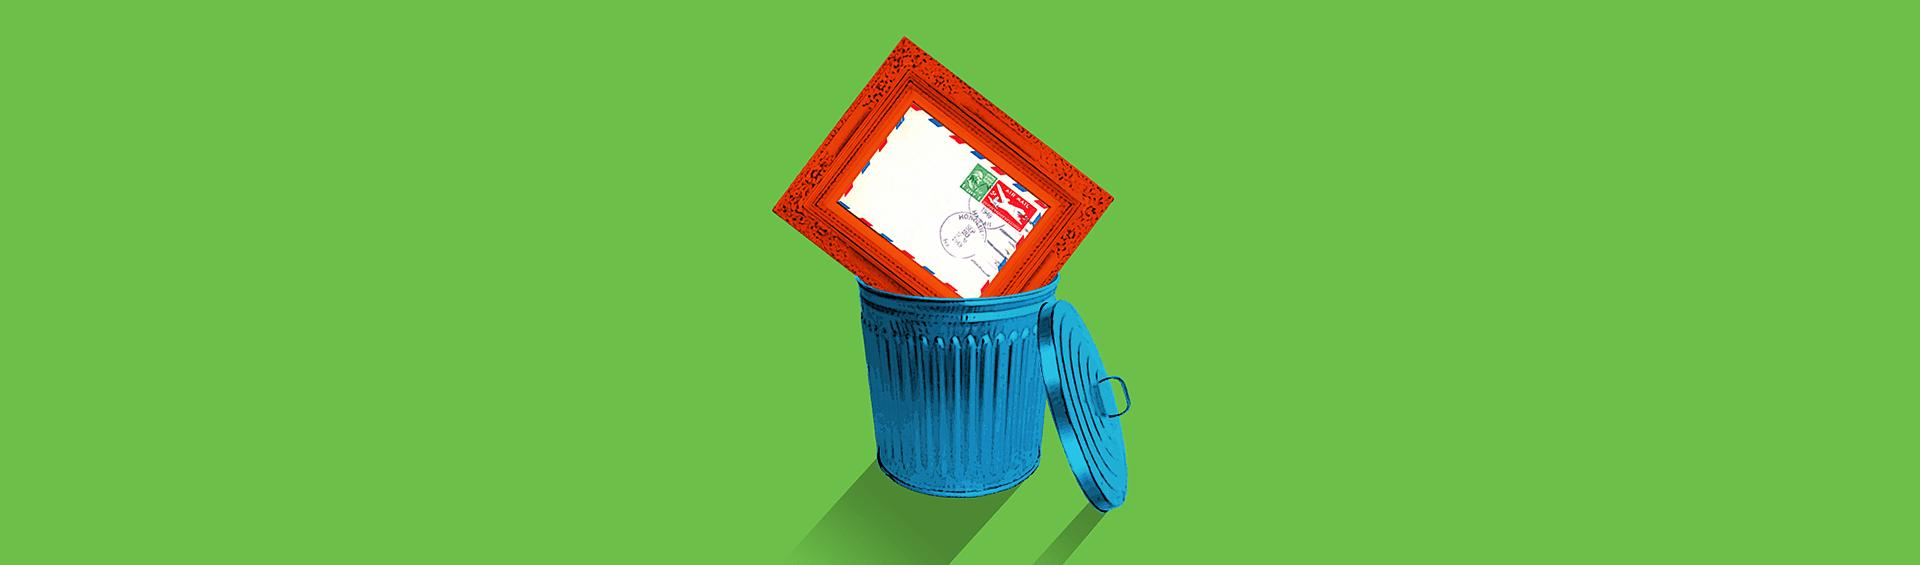 6 ошибок email-маркетологов, которые бесят подписчиков